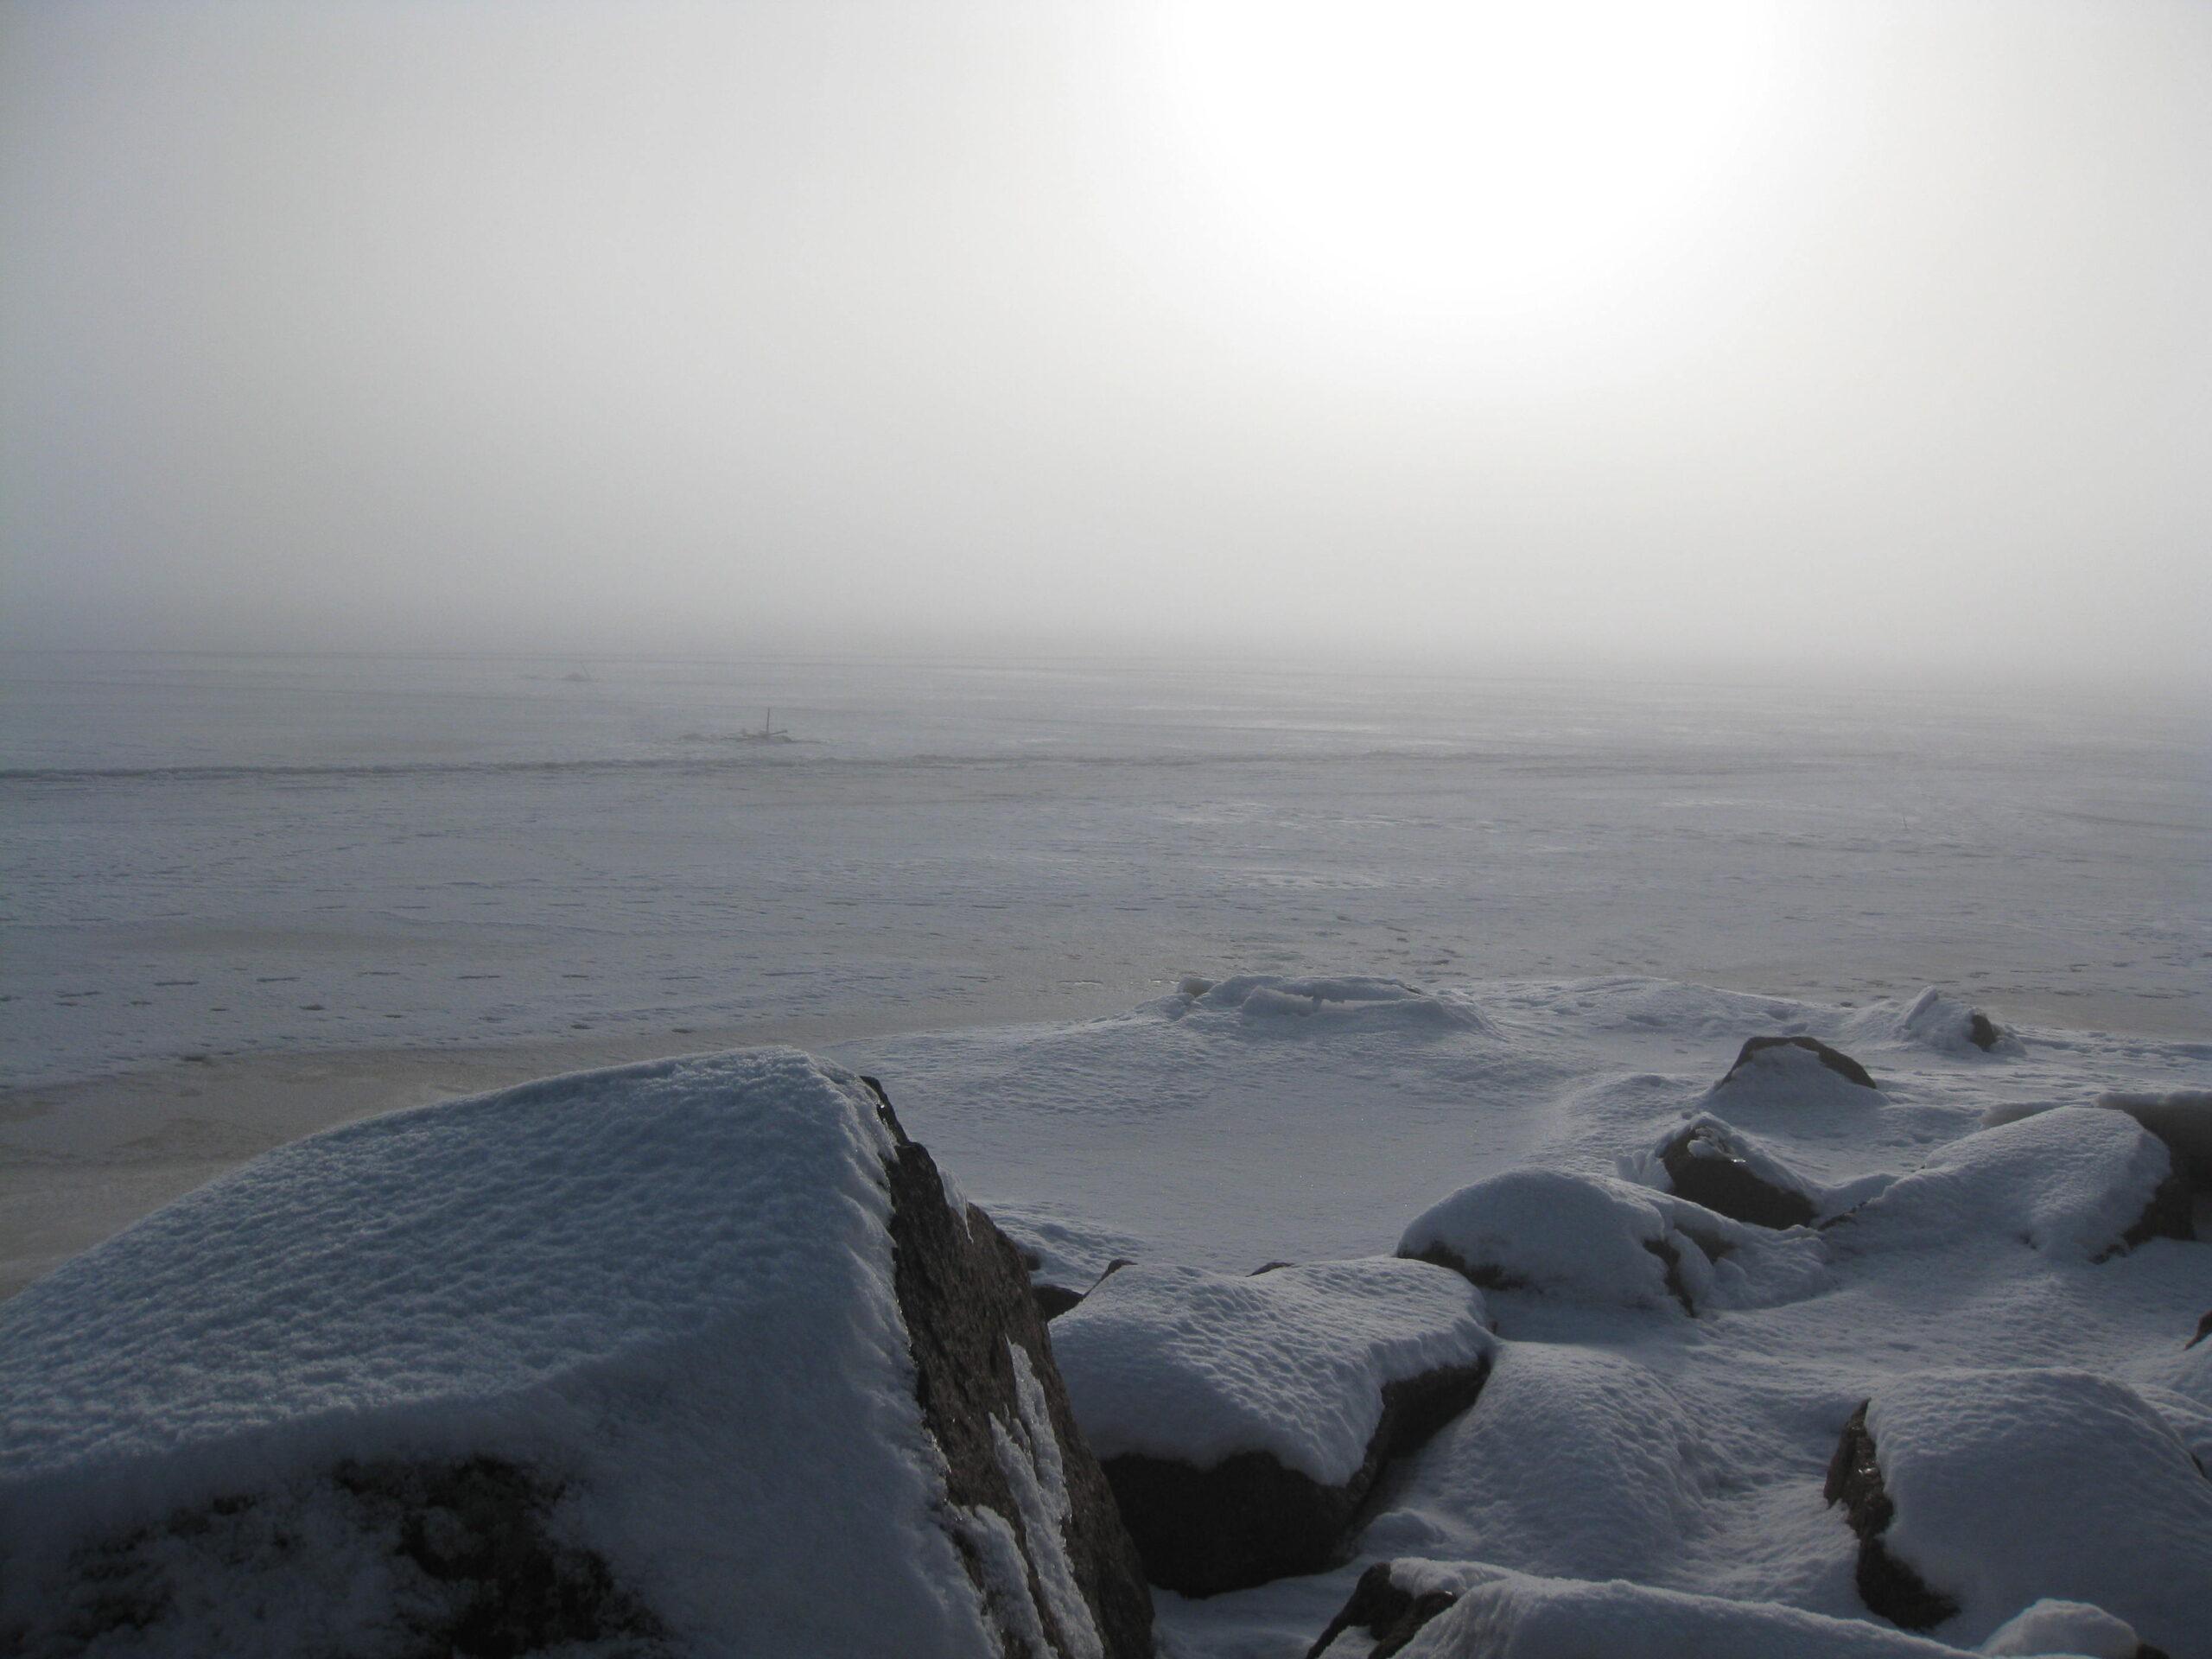 Jäinen meren selkä, lumipeitteisiä kiviä etualalla. Aurinko paistaa pakkasusvan takaa.